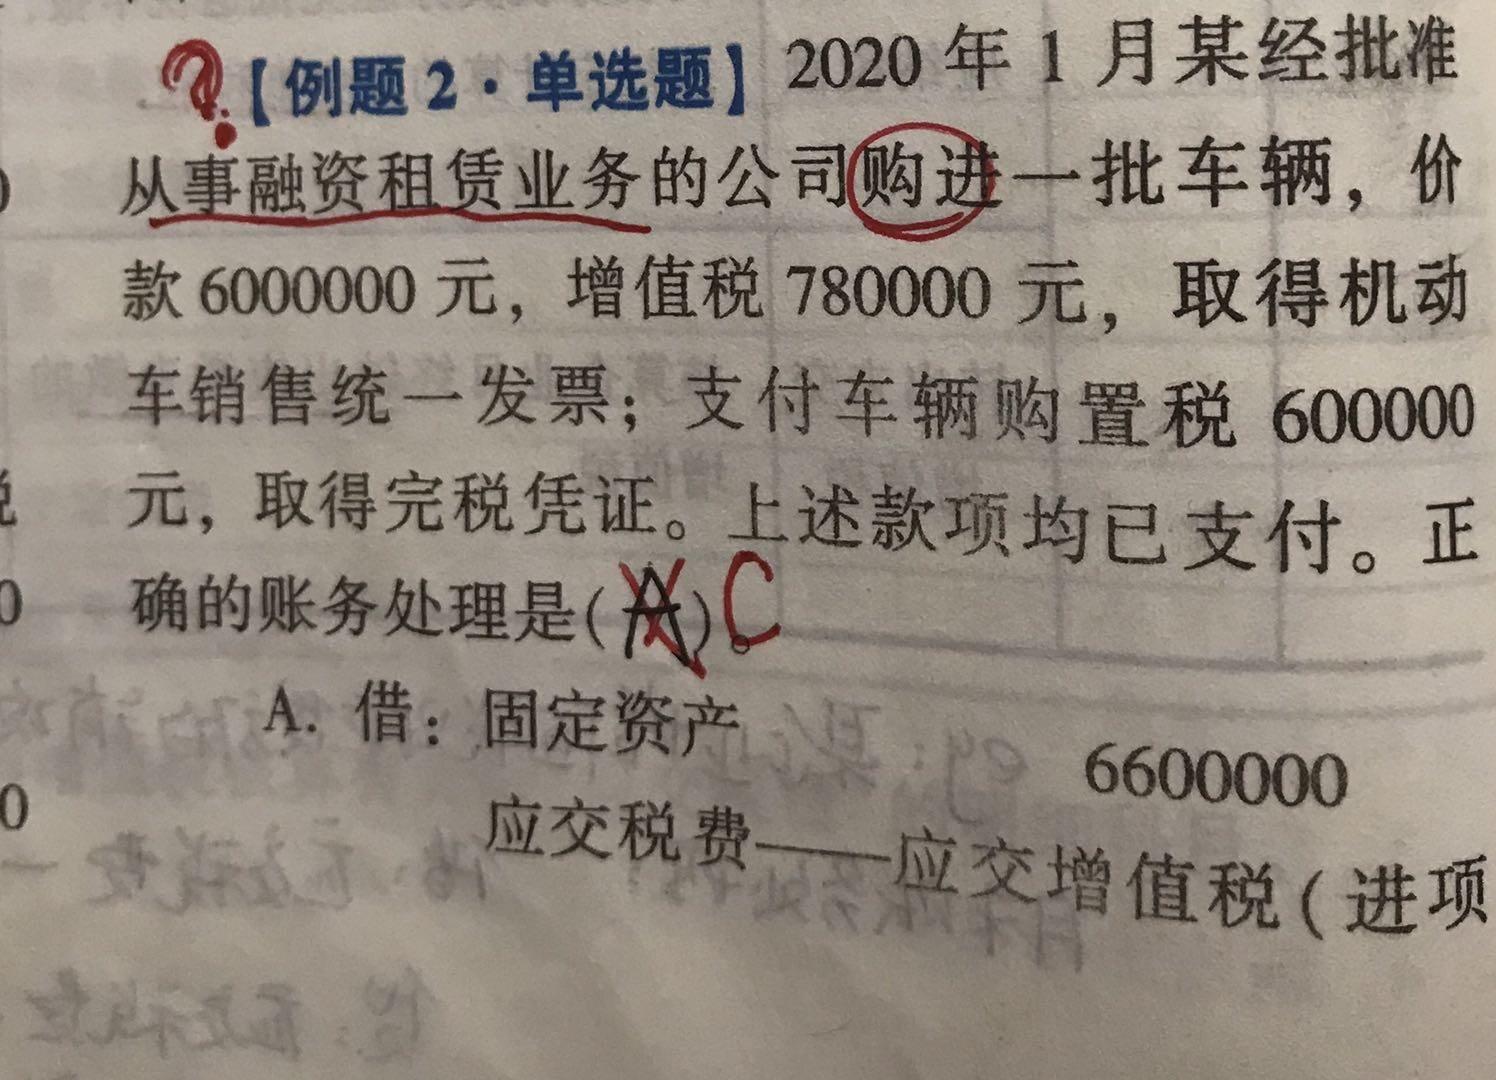 老师好,这个题能否帮忙解释一下为什么要这么做呢?看解析还是不太明白,谢谢老师